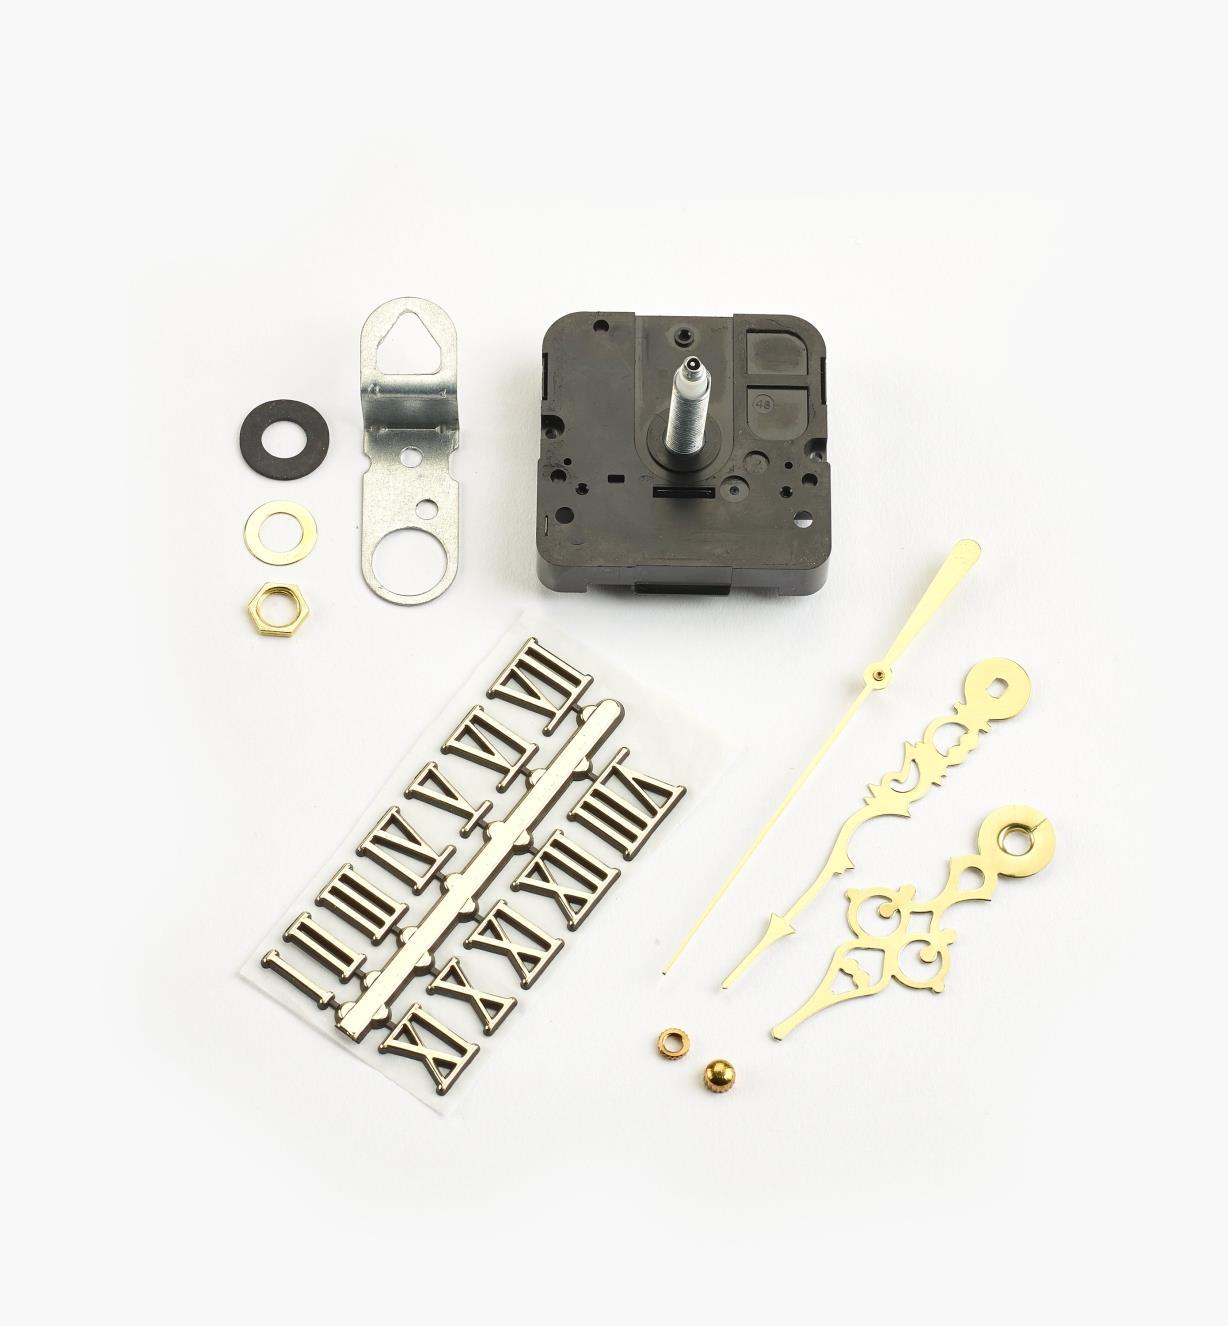 46K3153 - Composants pour horloge à arbre de 3/4po, chiffres romains